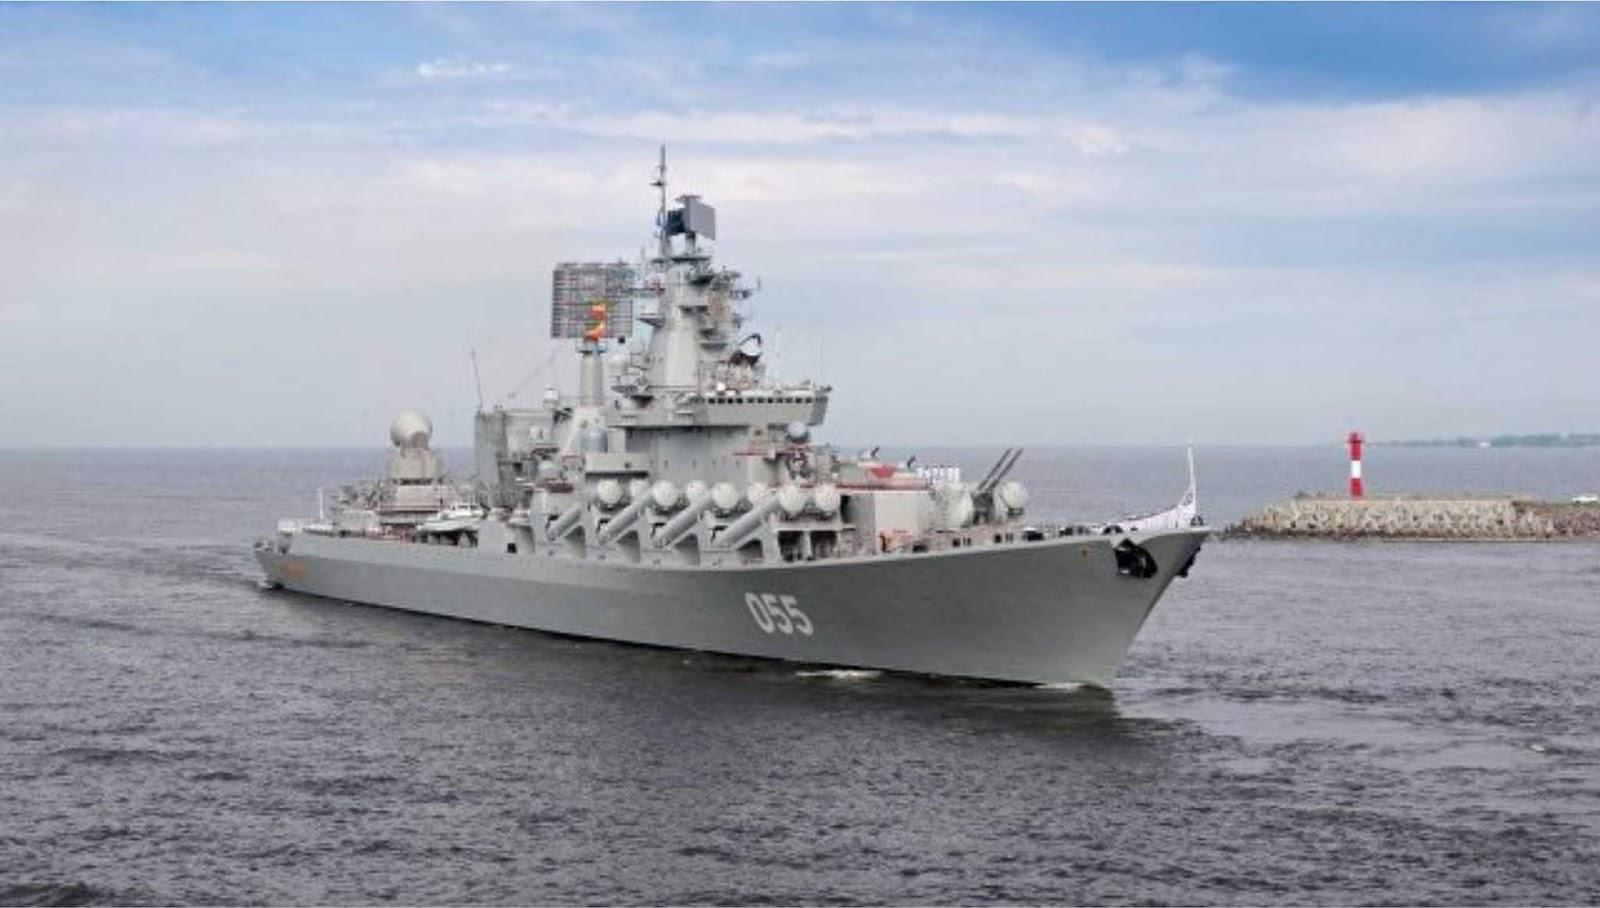 Rusia tidak akan mengijinkan NATO dan Ukraina berlatih di Laut Azov